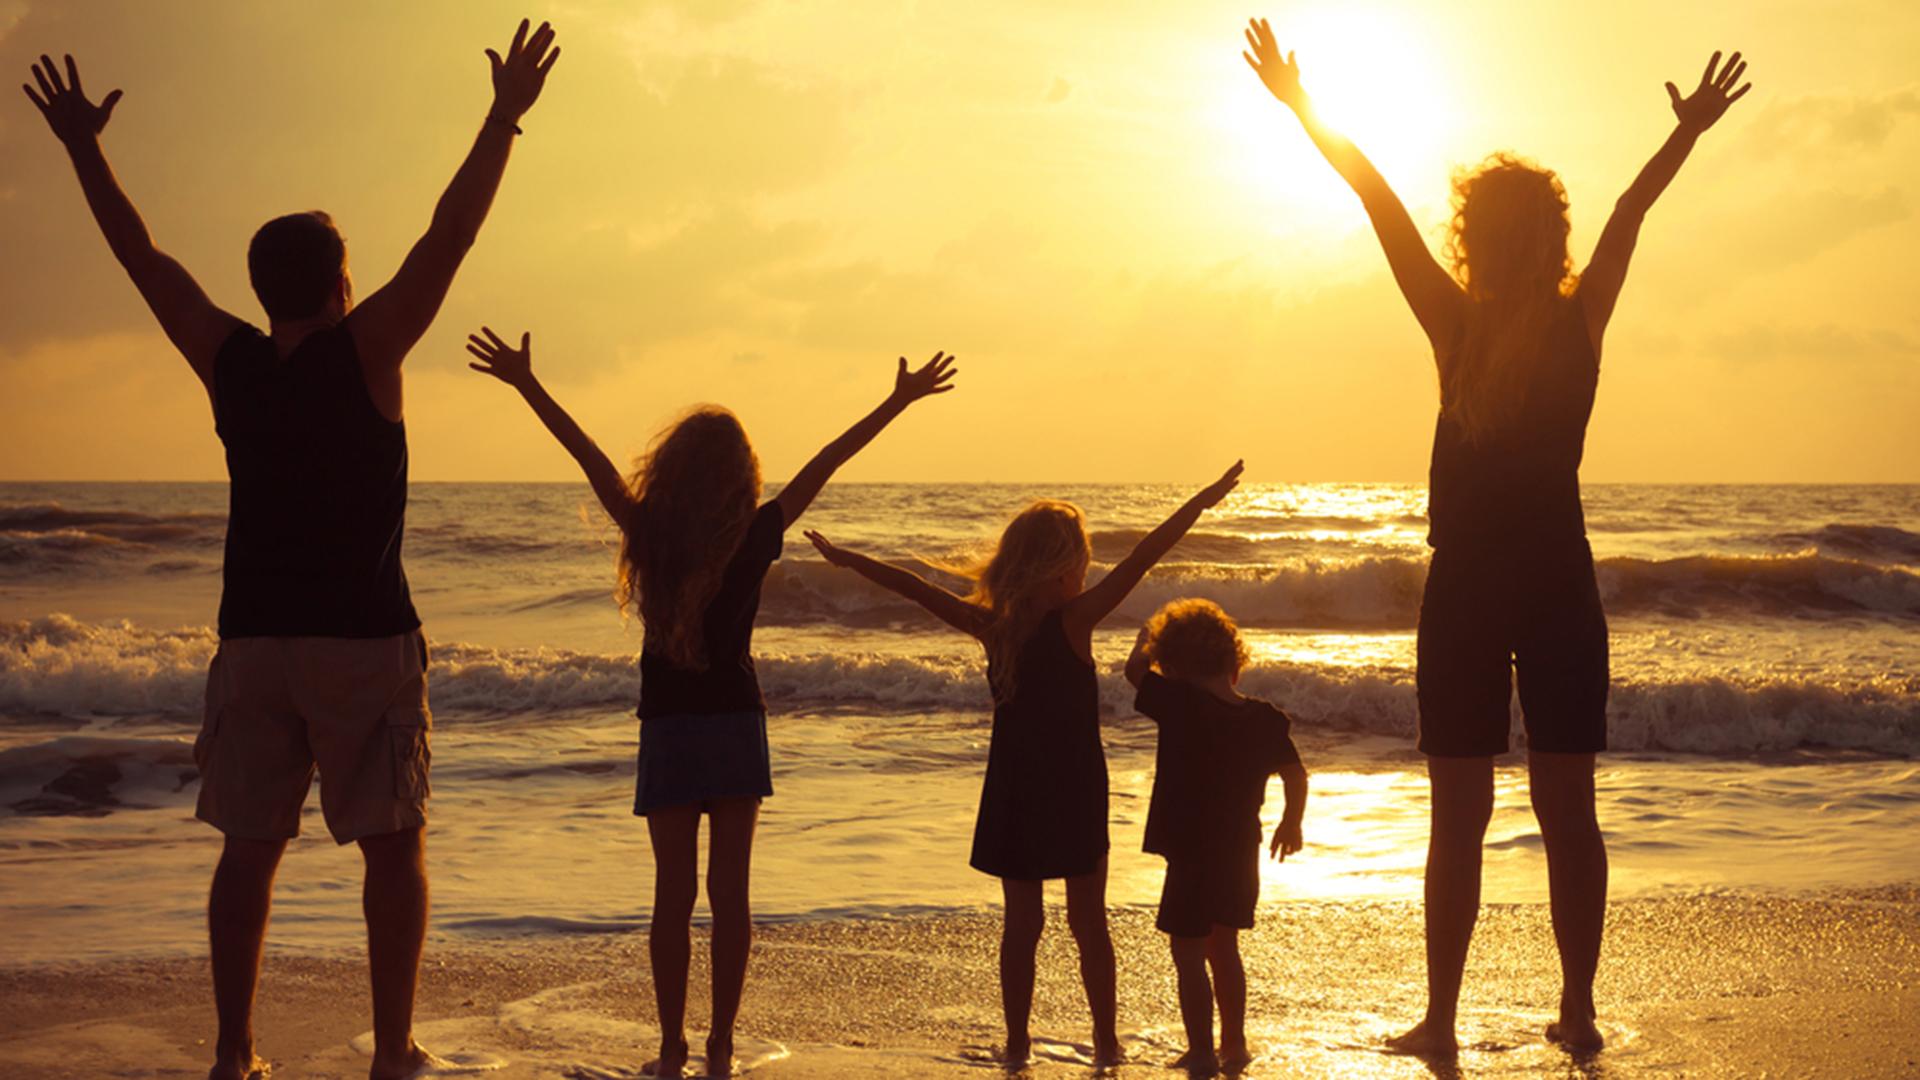 Lummy Family Love Family Pack S Family Having Tease Today 150821 34ed5bf7adf6c3ddc43fe55d1fa9f44f S photos Pictures Of Family